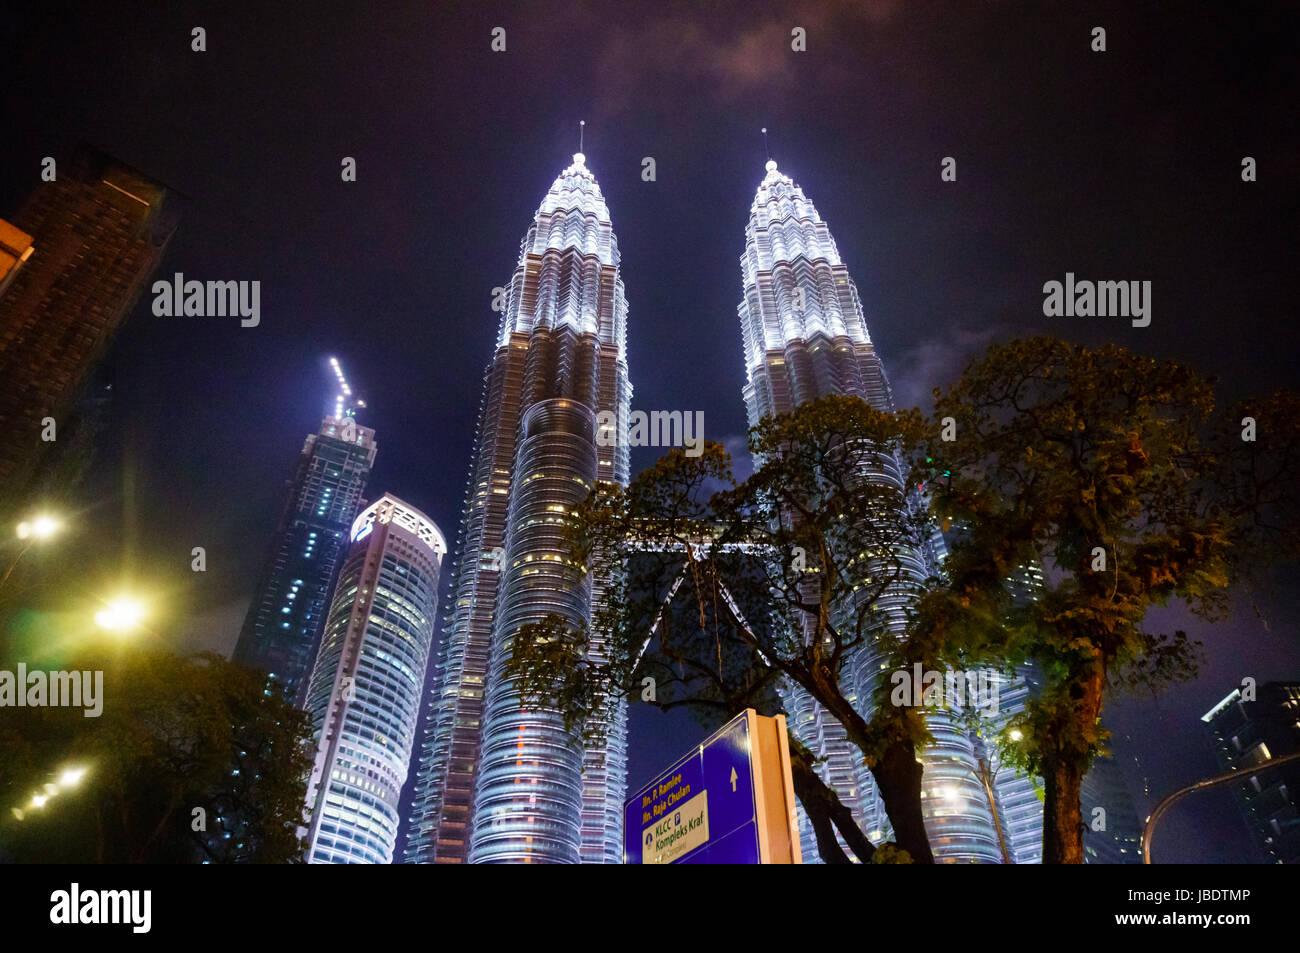 Kuala Lumpur, Malesia - 5 Maggio 2017: Torri Gemelle Petronas in una piovosa notte con un cielo nuvoloso e pioggia Immagini Stock